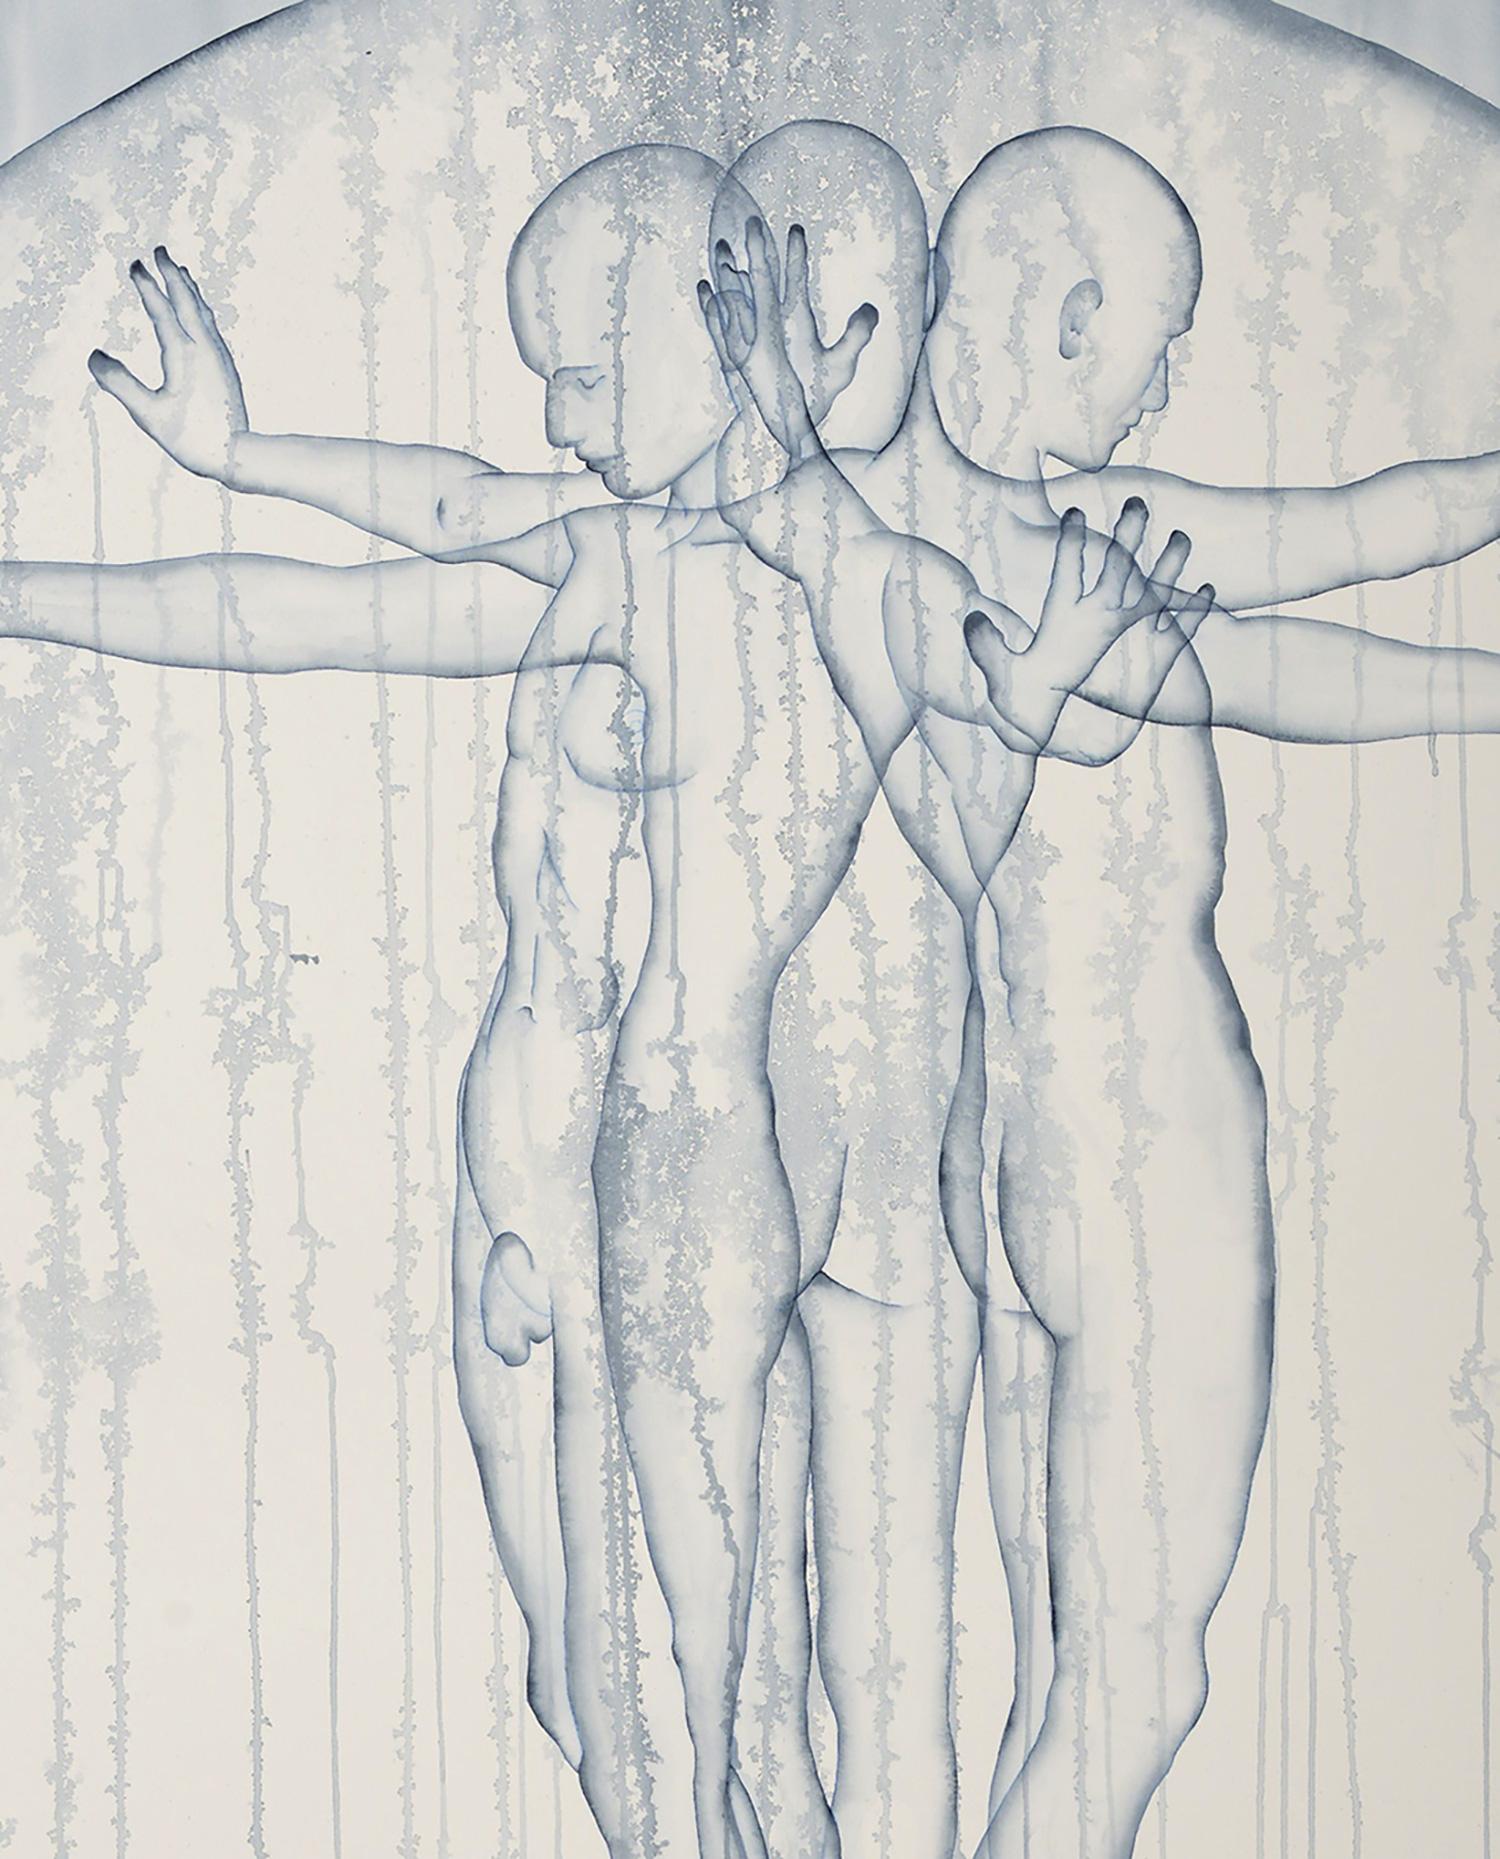 Stefano Bolzano, Aurea emotiva, acquarello su carta, 86x135 cm, 2020 (dettaglio).